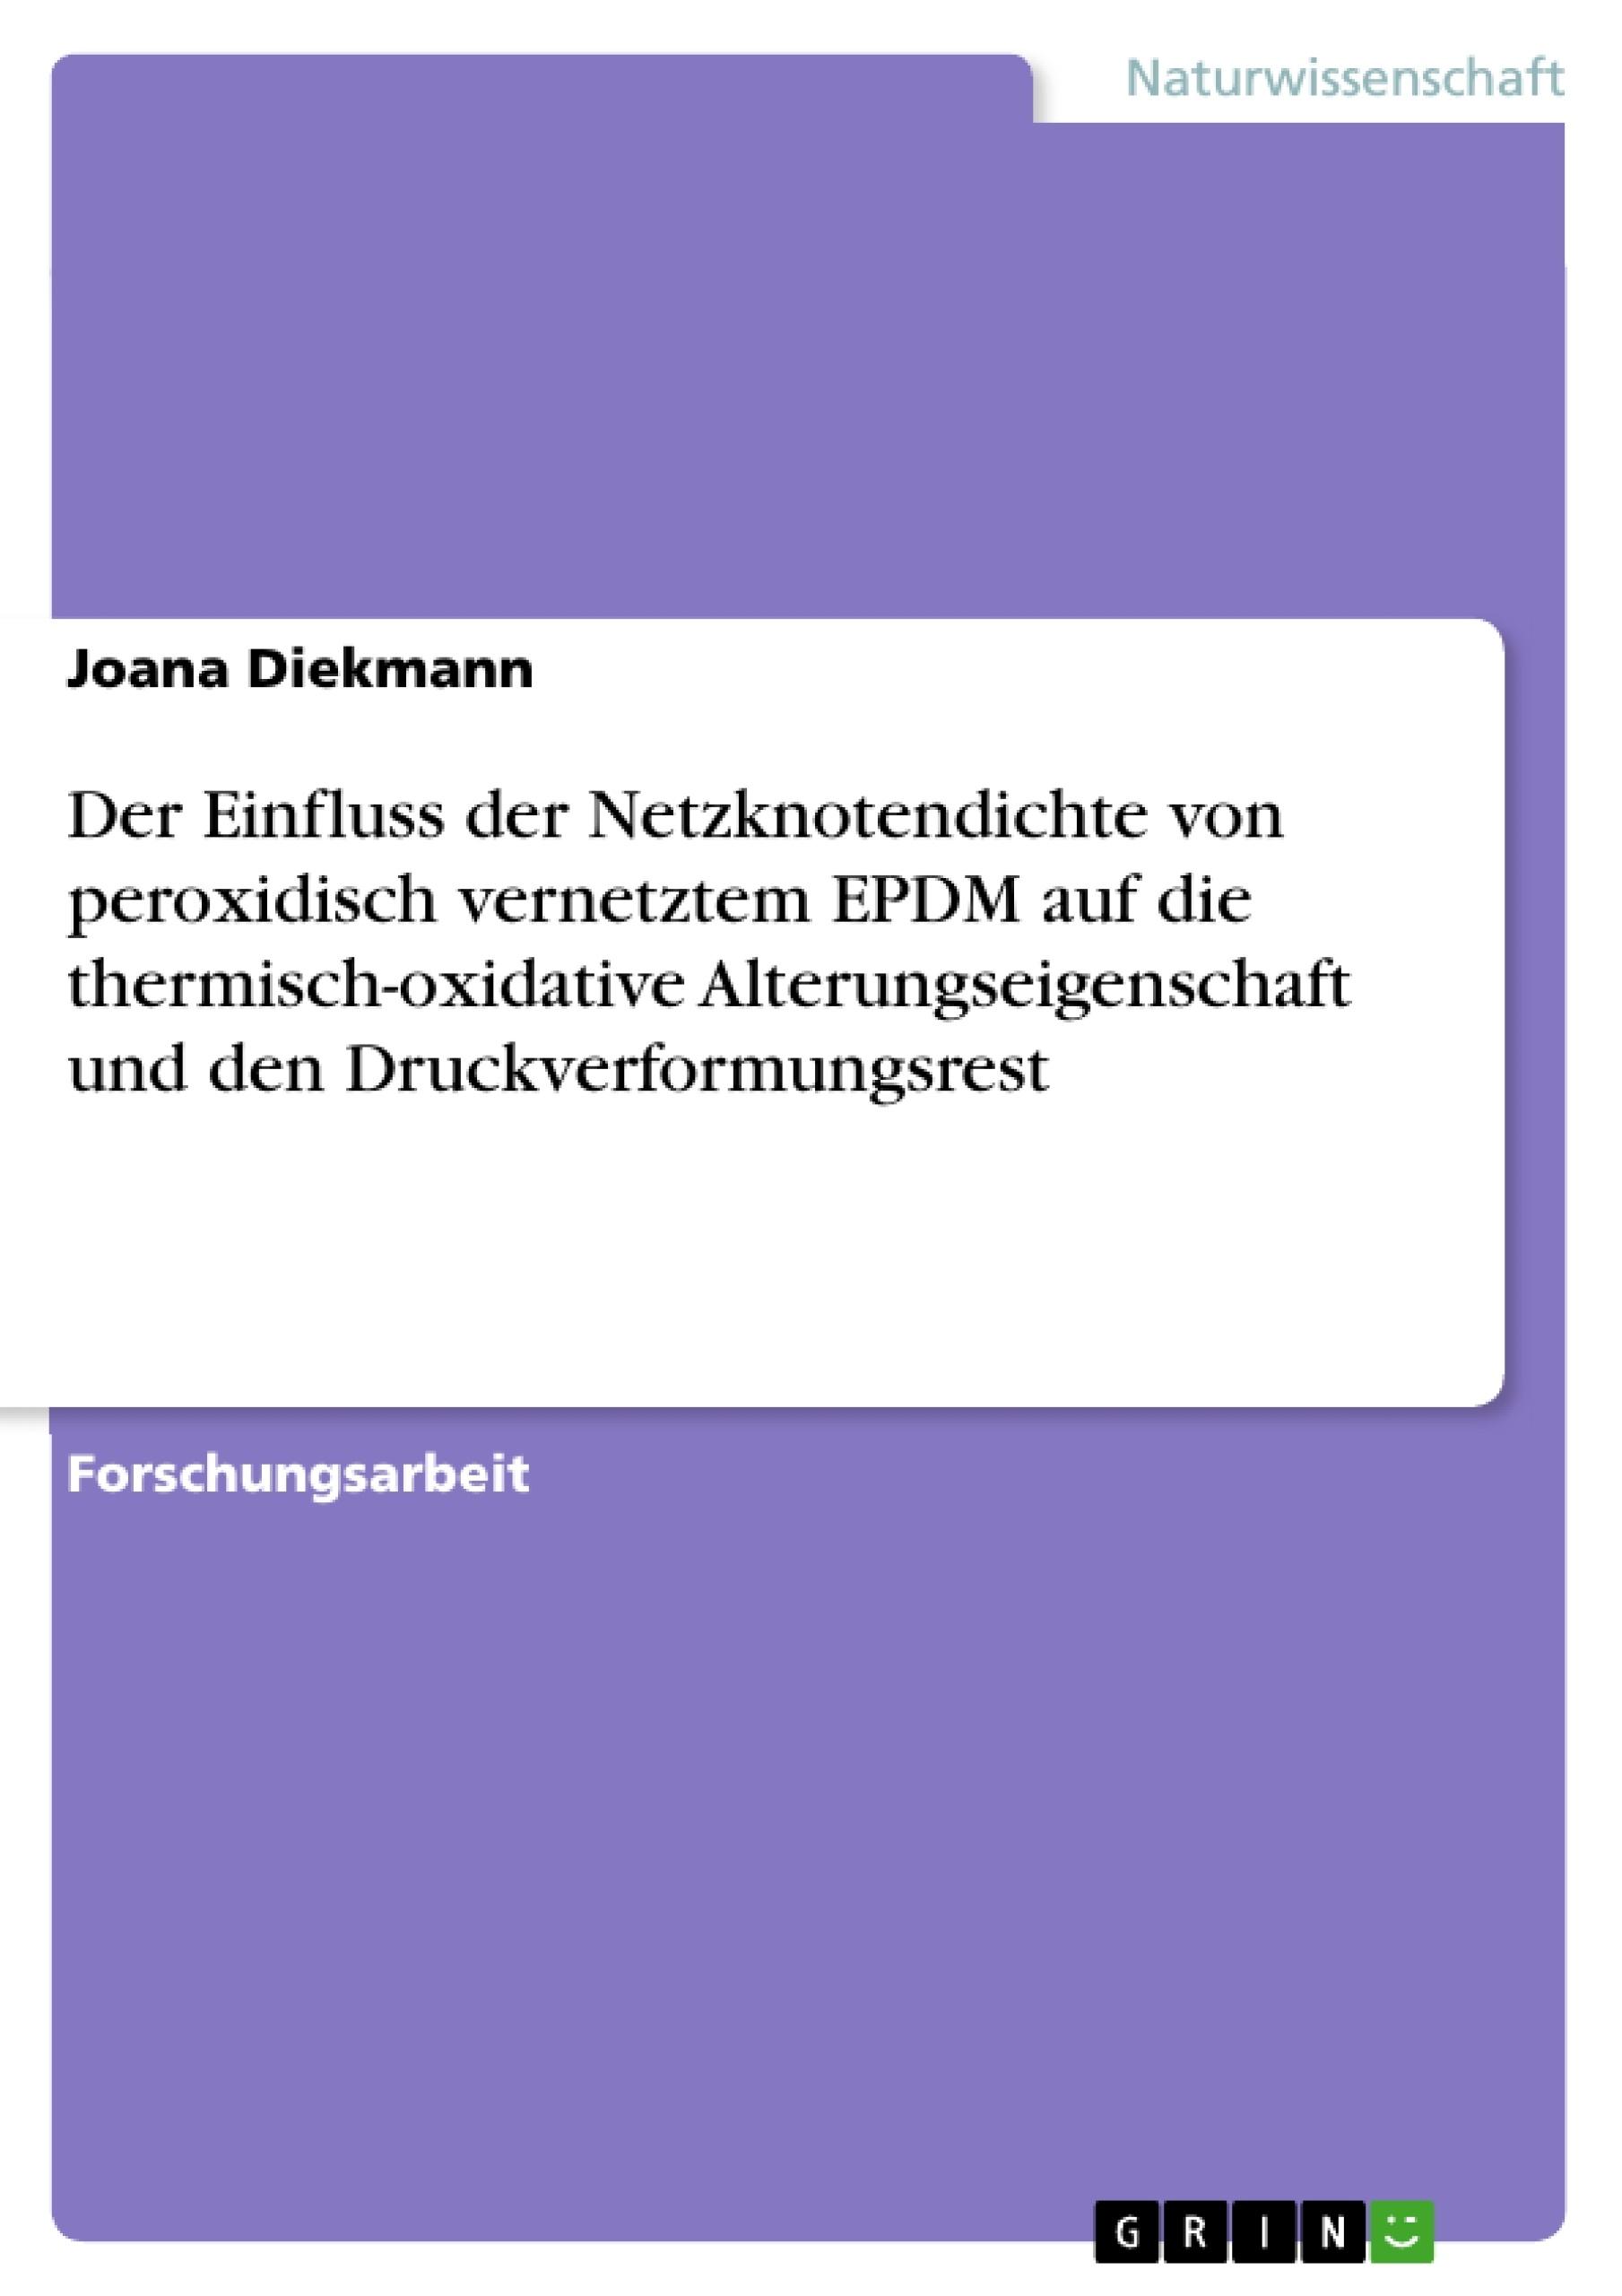 Titel: Der Einfluss der Netzknotendichte von peroxidisch vernetztem EPDM auf die thermisch-oxidative  Alterungseigenschaft und den Druckverformungsrest